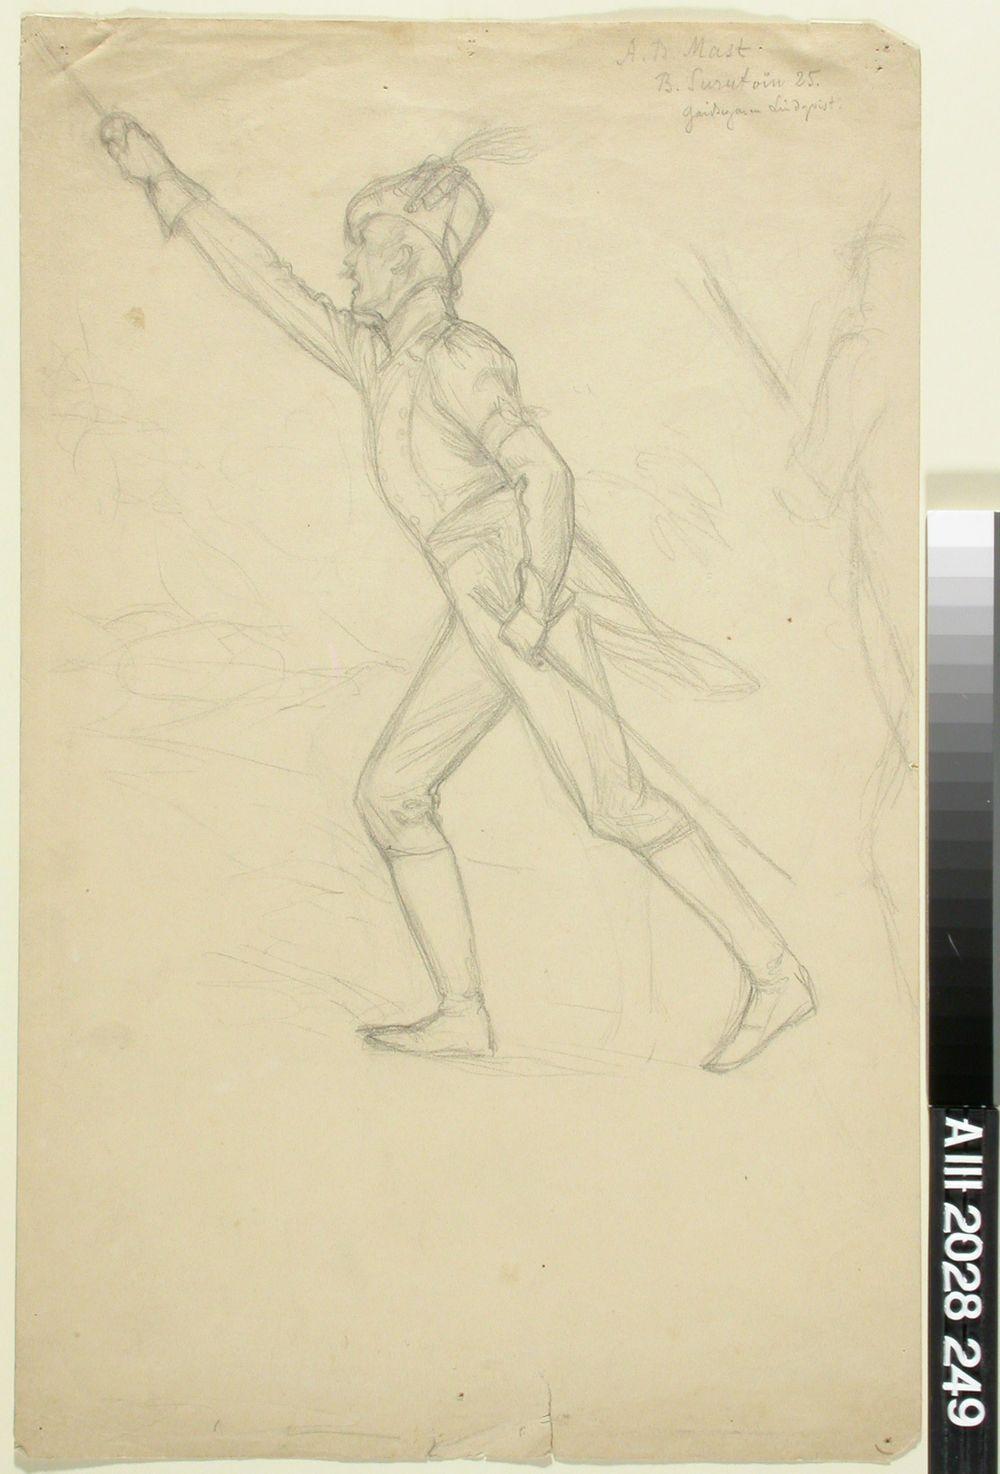 Luutnantti Ziden, luonnos Vänrikki Stoolin tarinain kuvitukseen